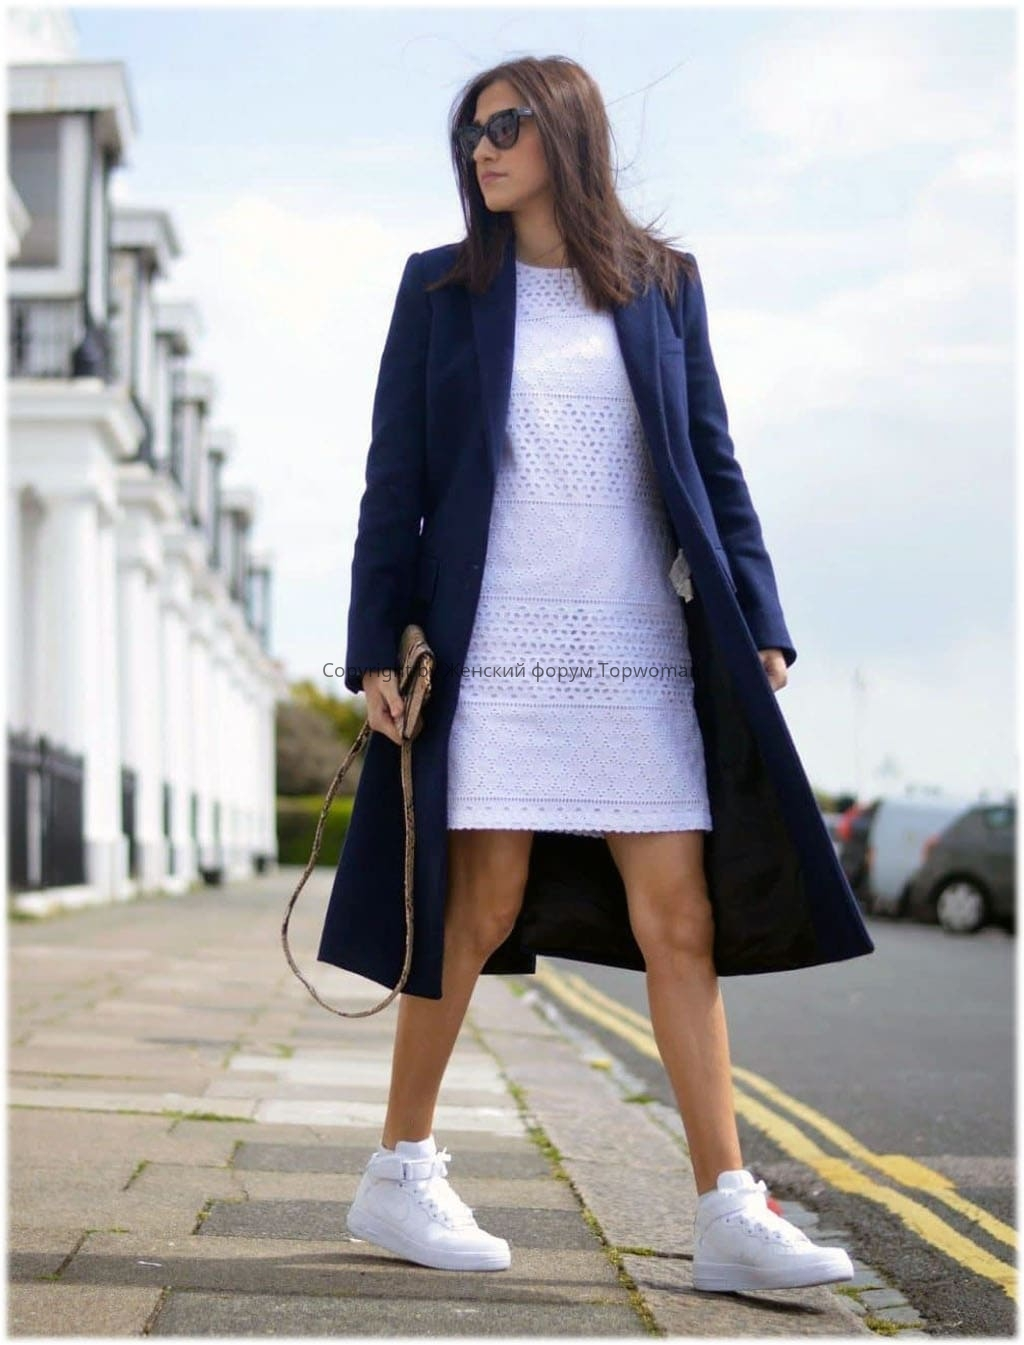 Модно носить кроссовки с пальто, юбками, платьями